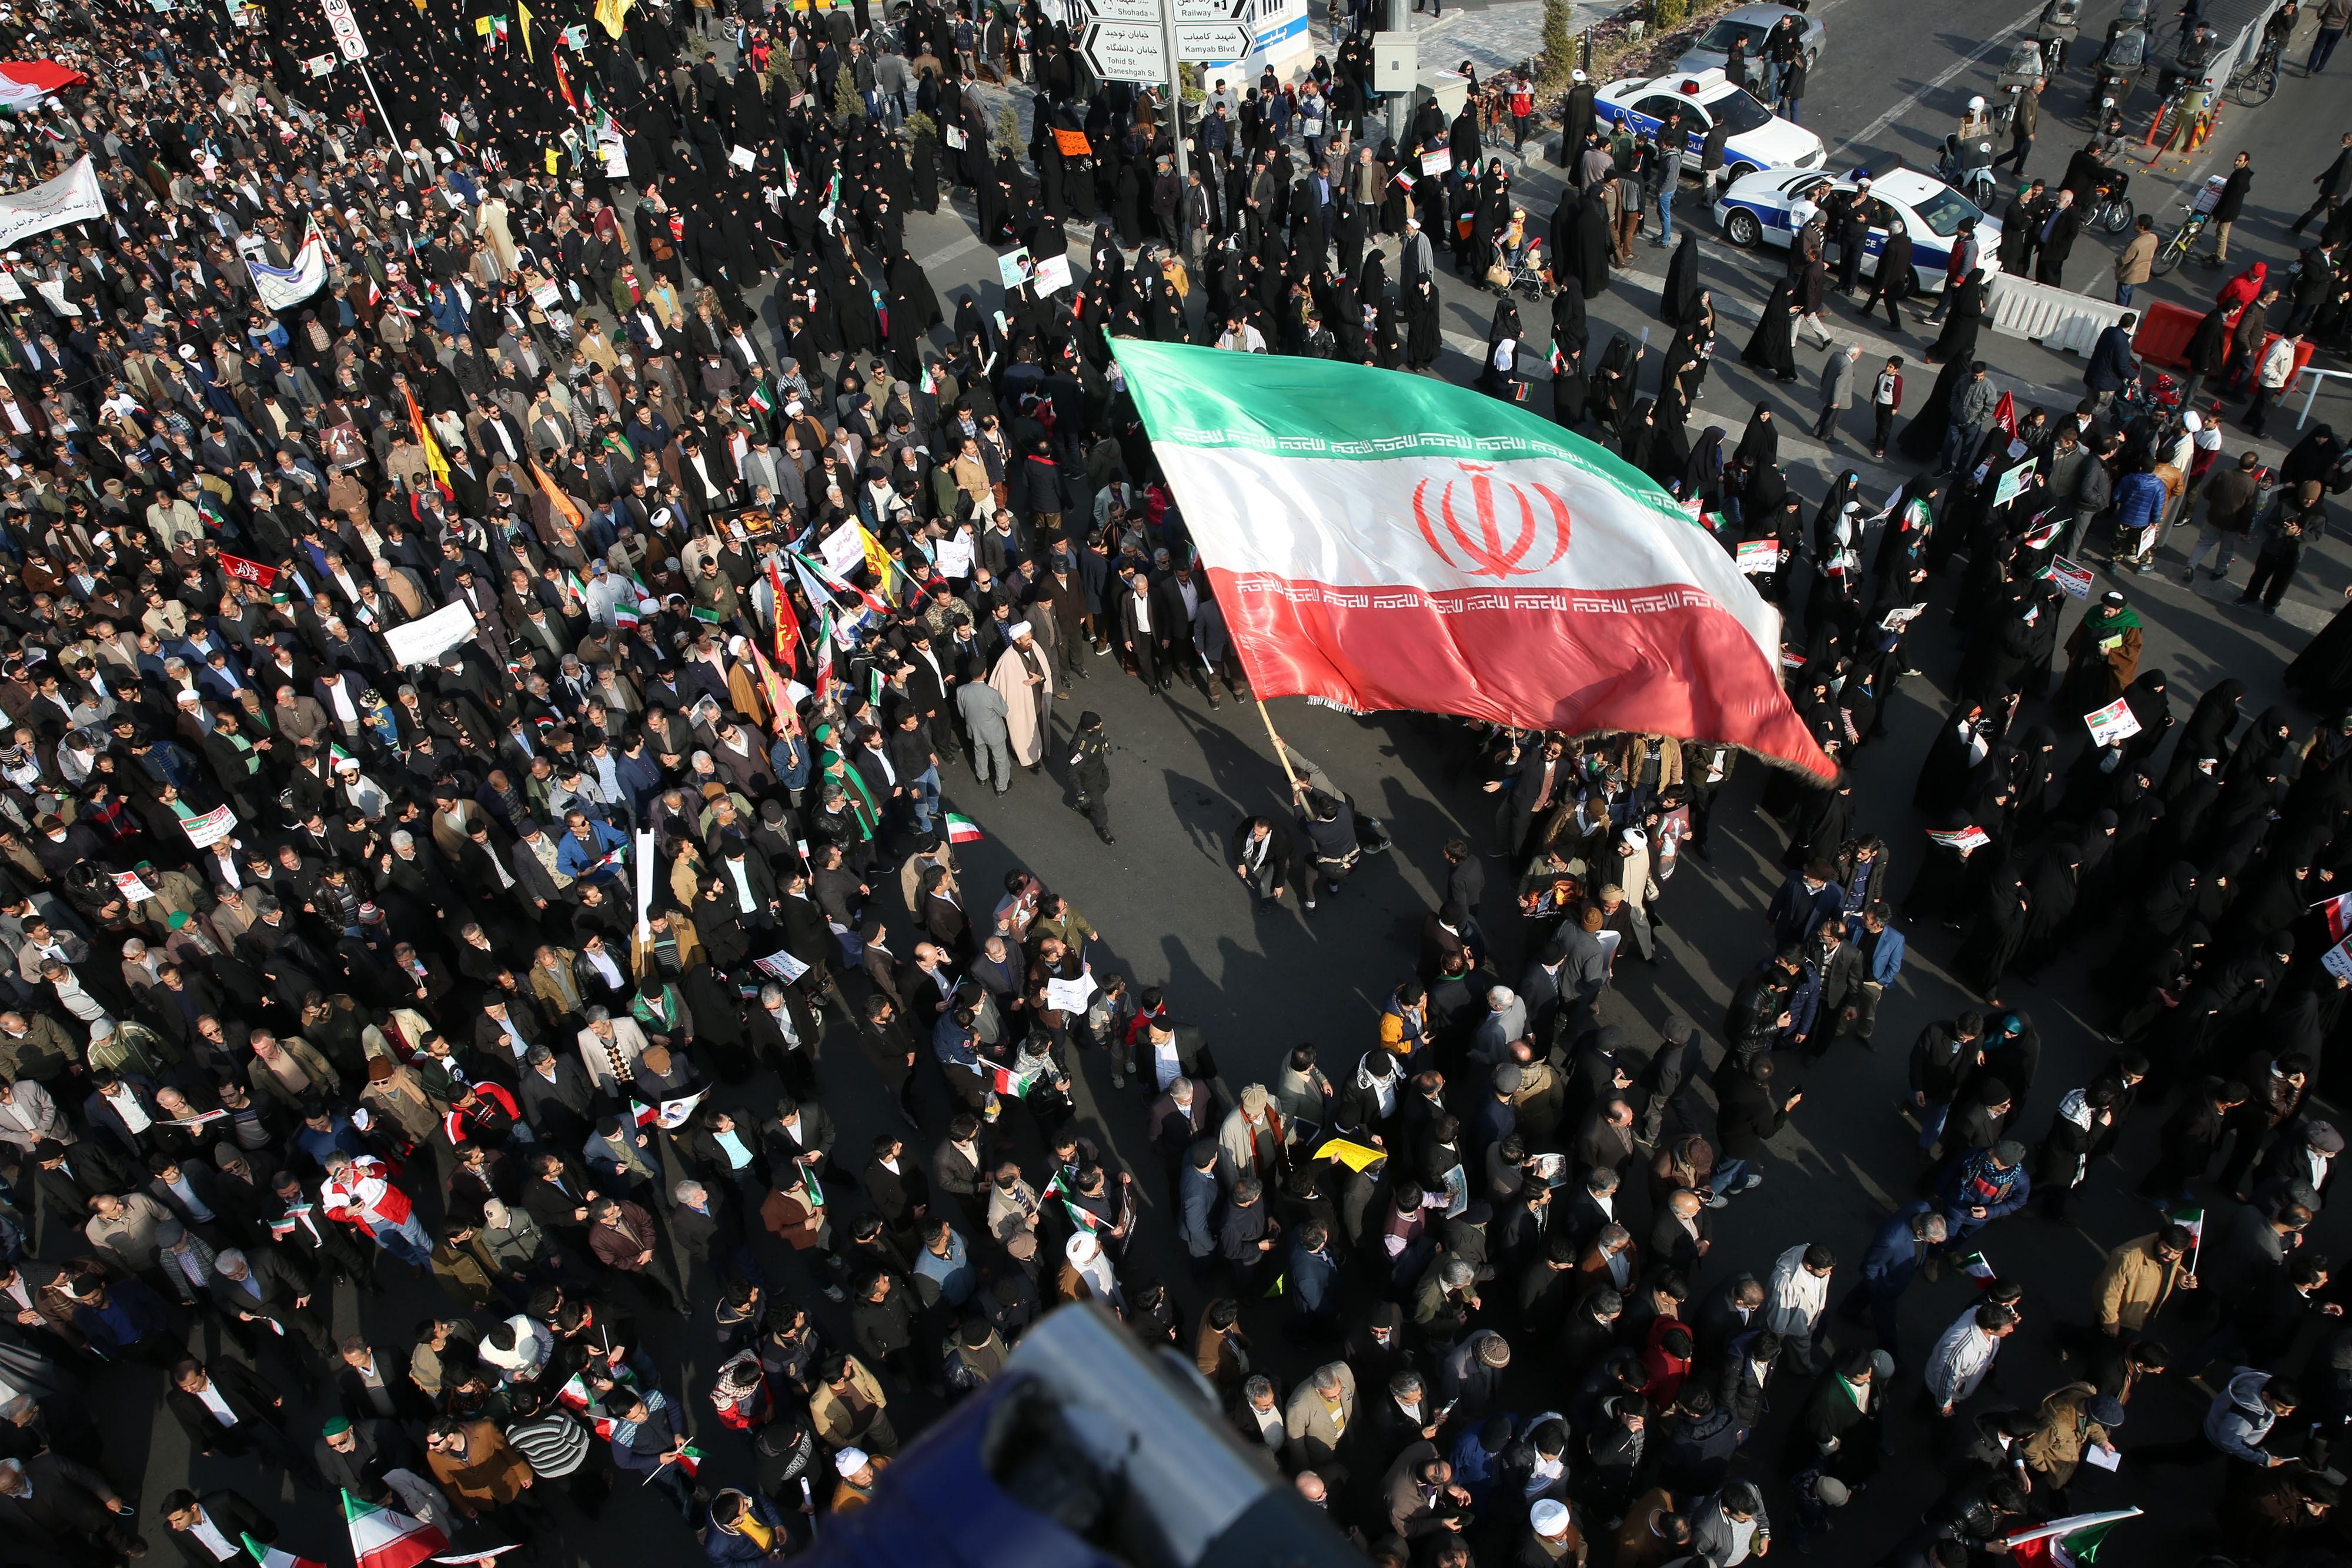 İran'dan, '10-15 yıl içinde savaşabiliriz' diyen Prens Selman'a yanıt: Küstahça